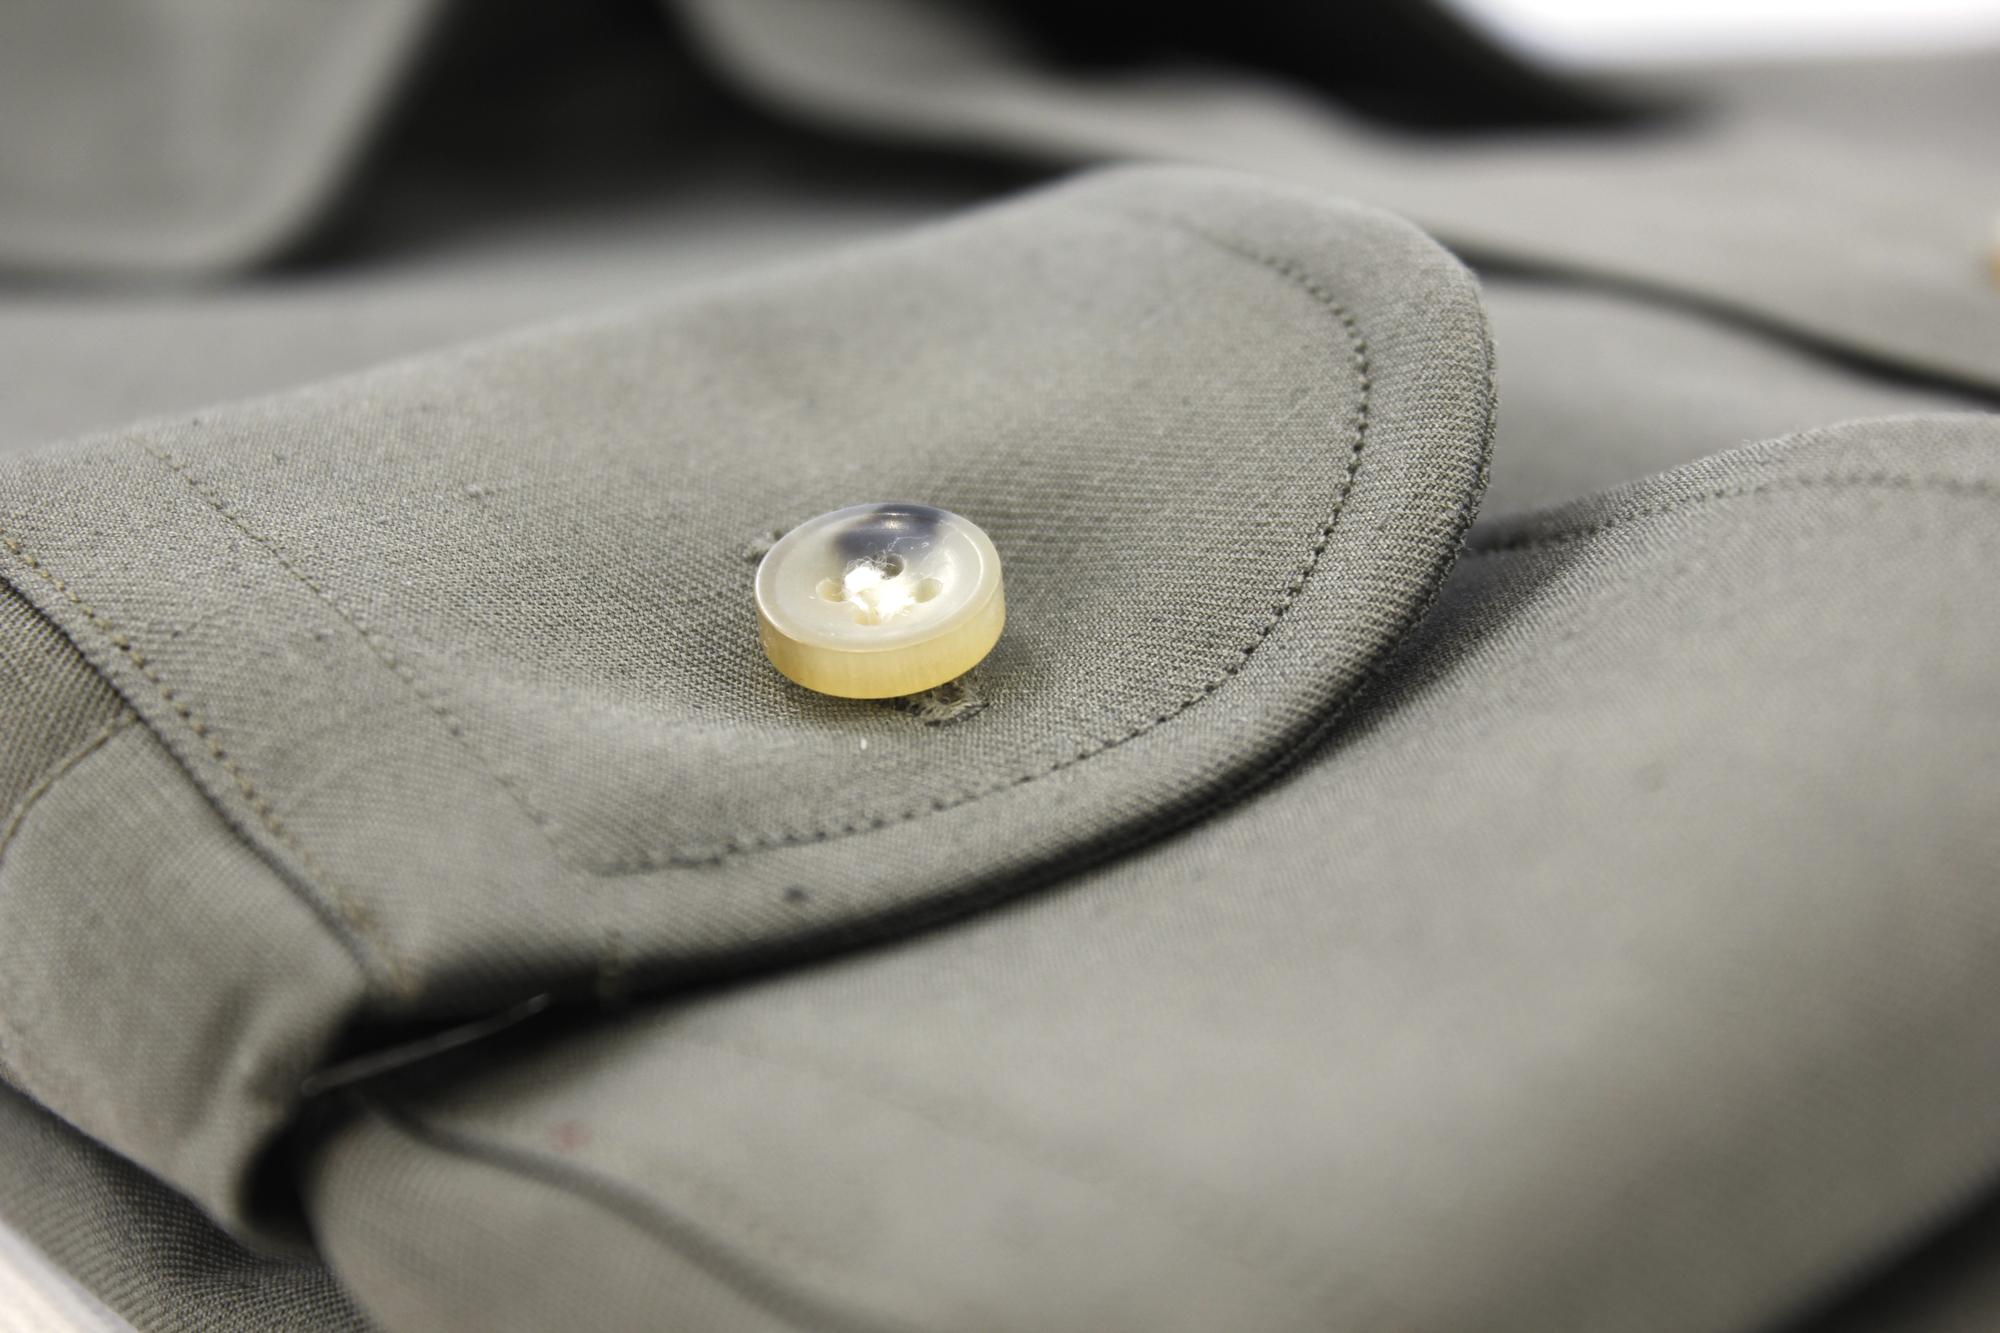 poignet-classique-arrondi-bouton-en-corne-chemise-vert-olive-en-coton-lin